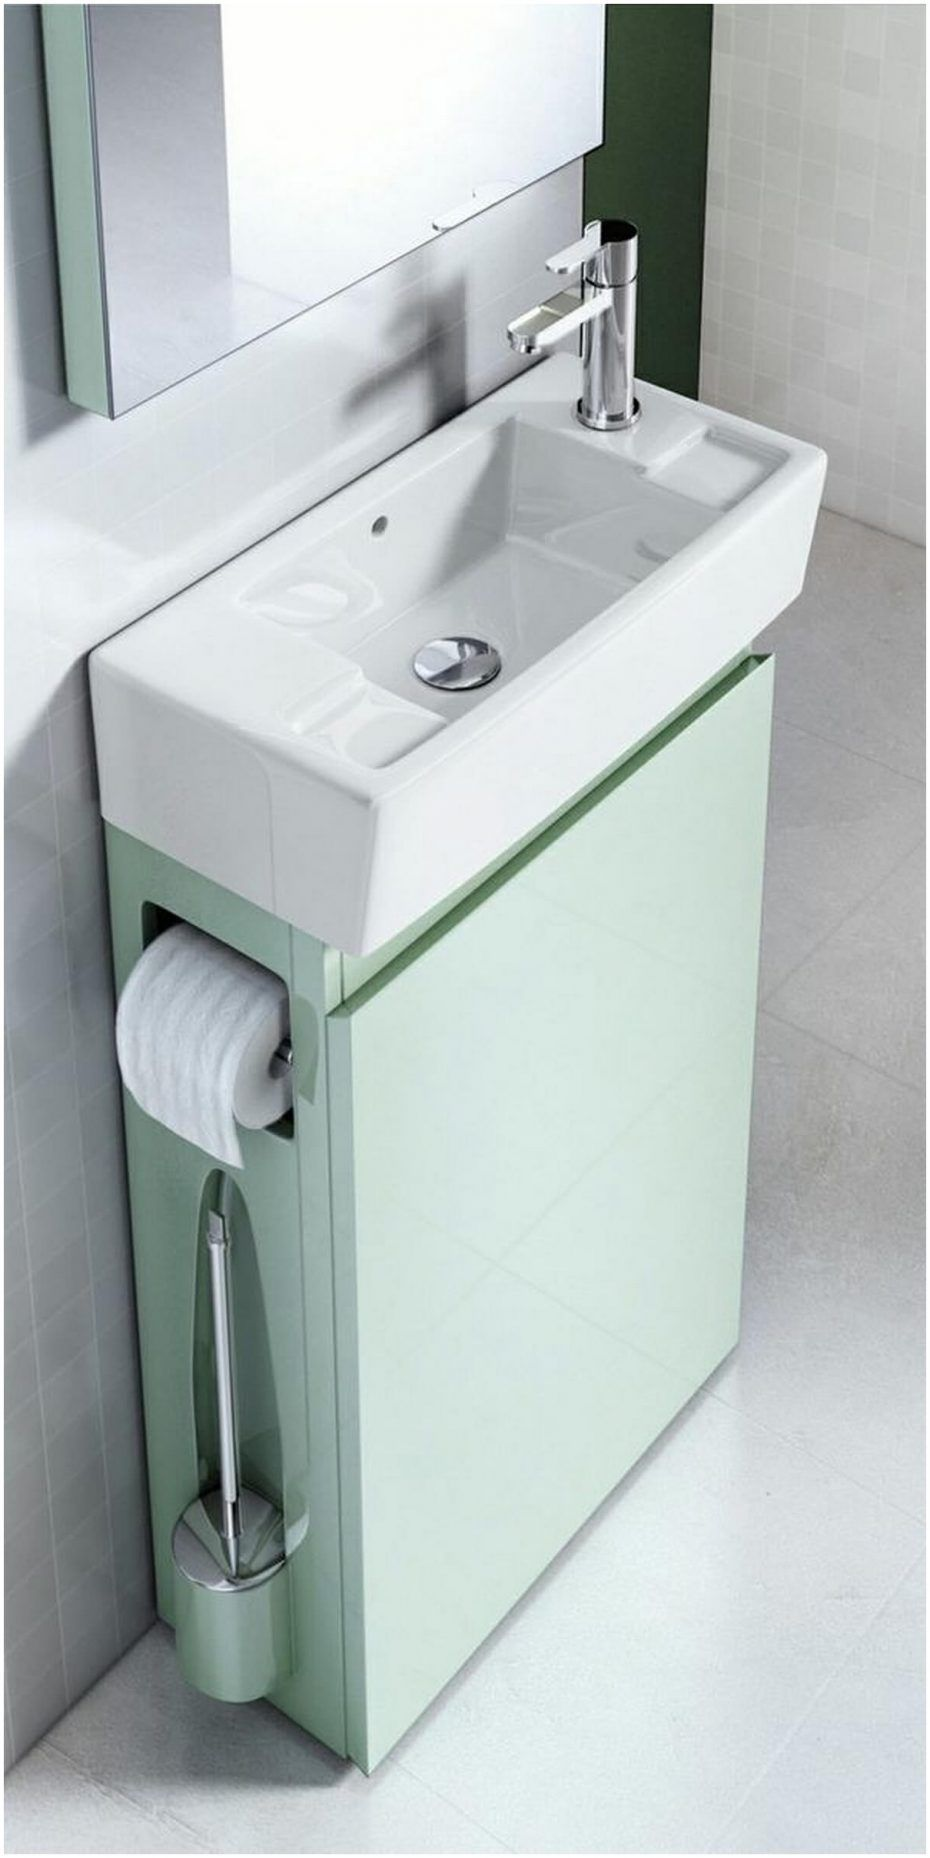 Bathroom. Small Bathroom Vanity Cabinets Ideas 18 Minimalist Is The ...